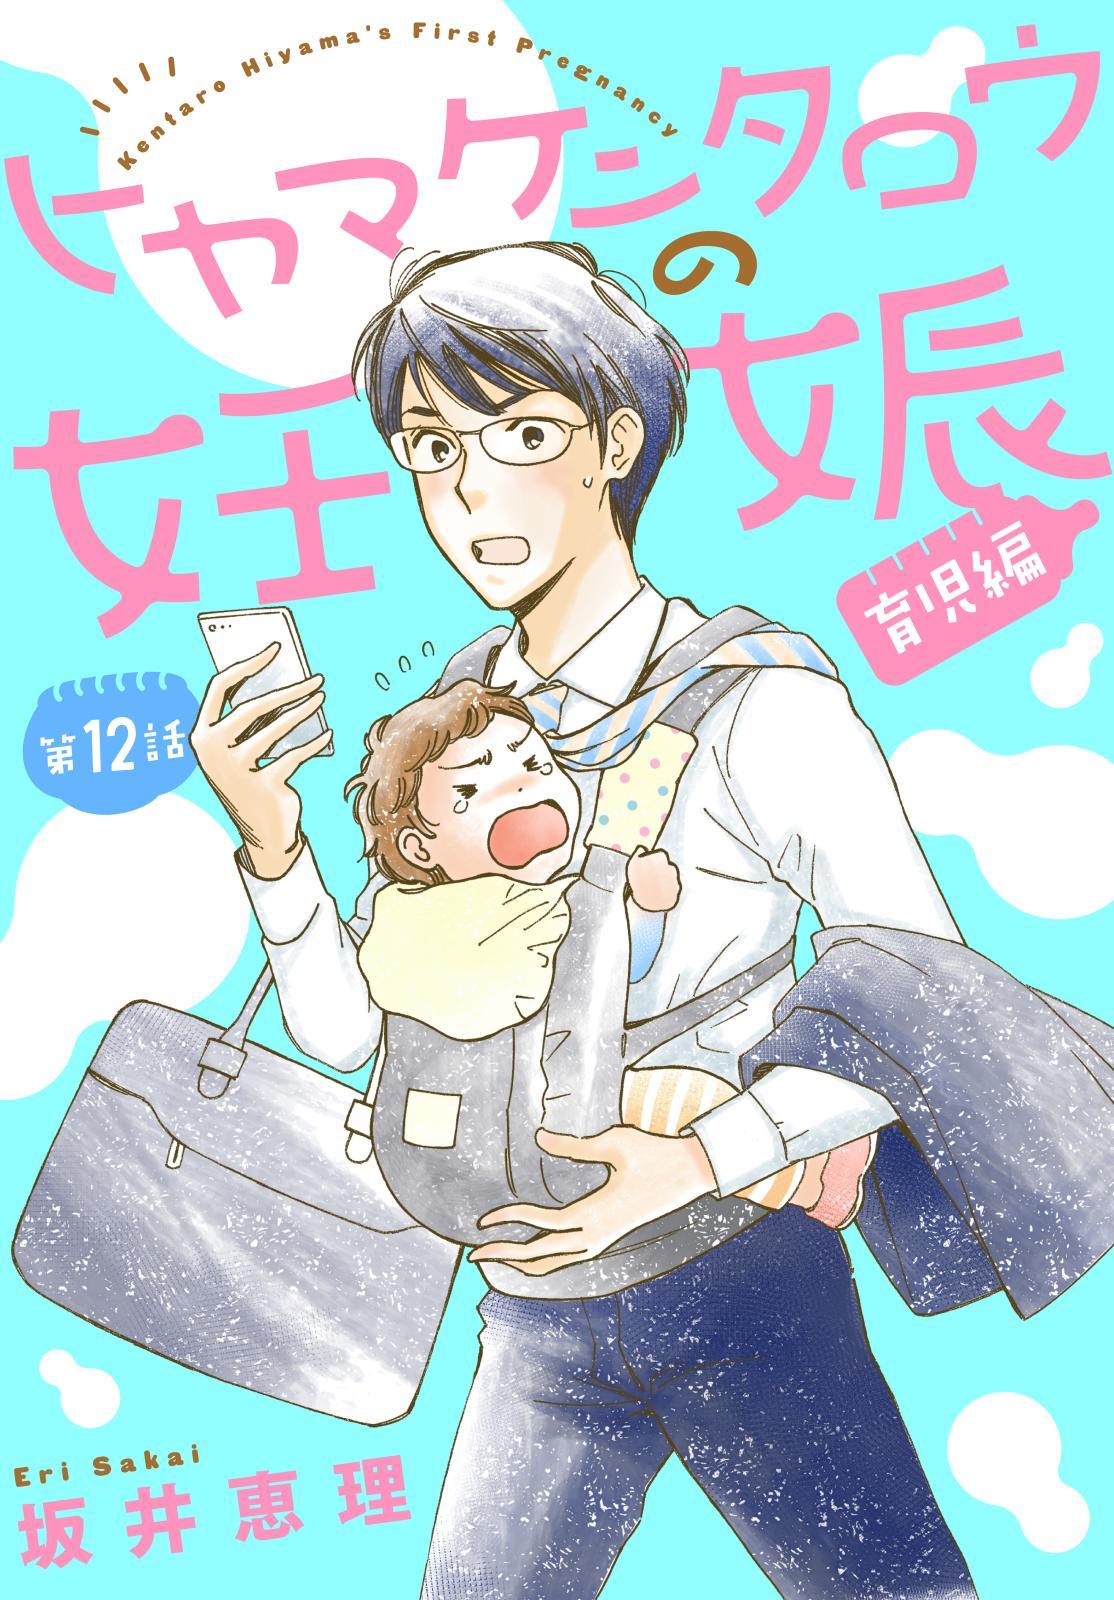 ヒヤマケンタロウの妊娠 育児編 分冊版(12)